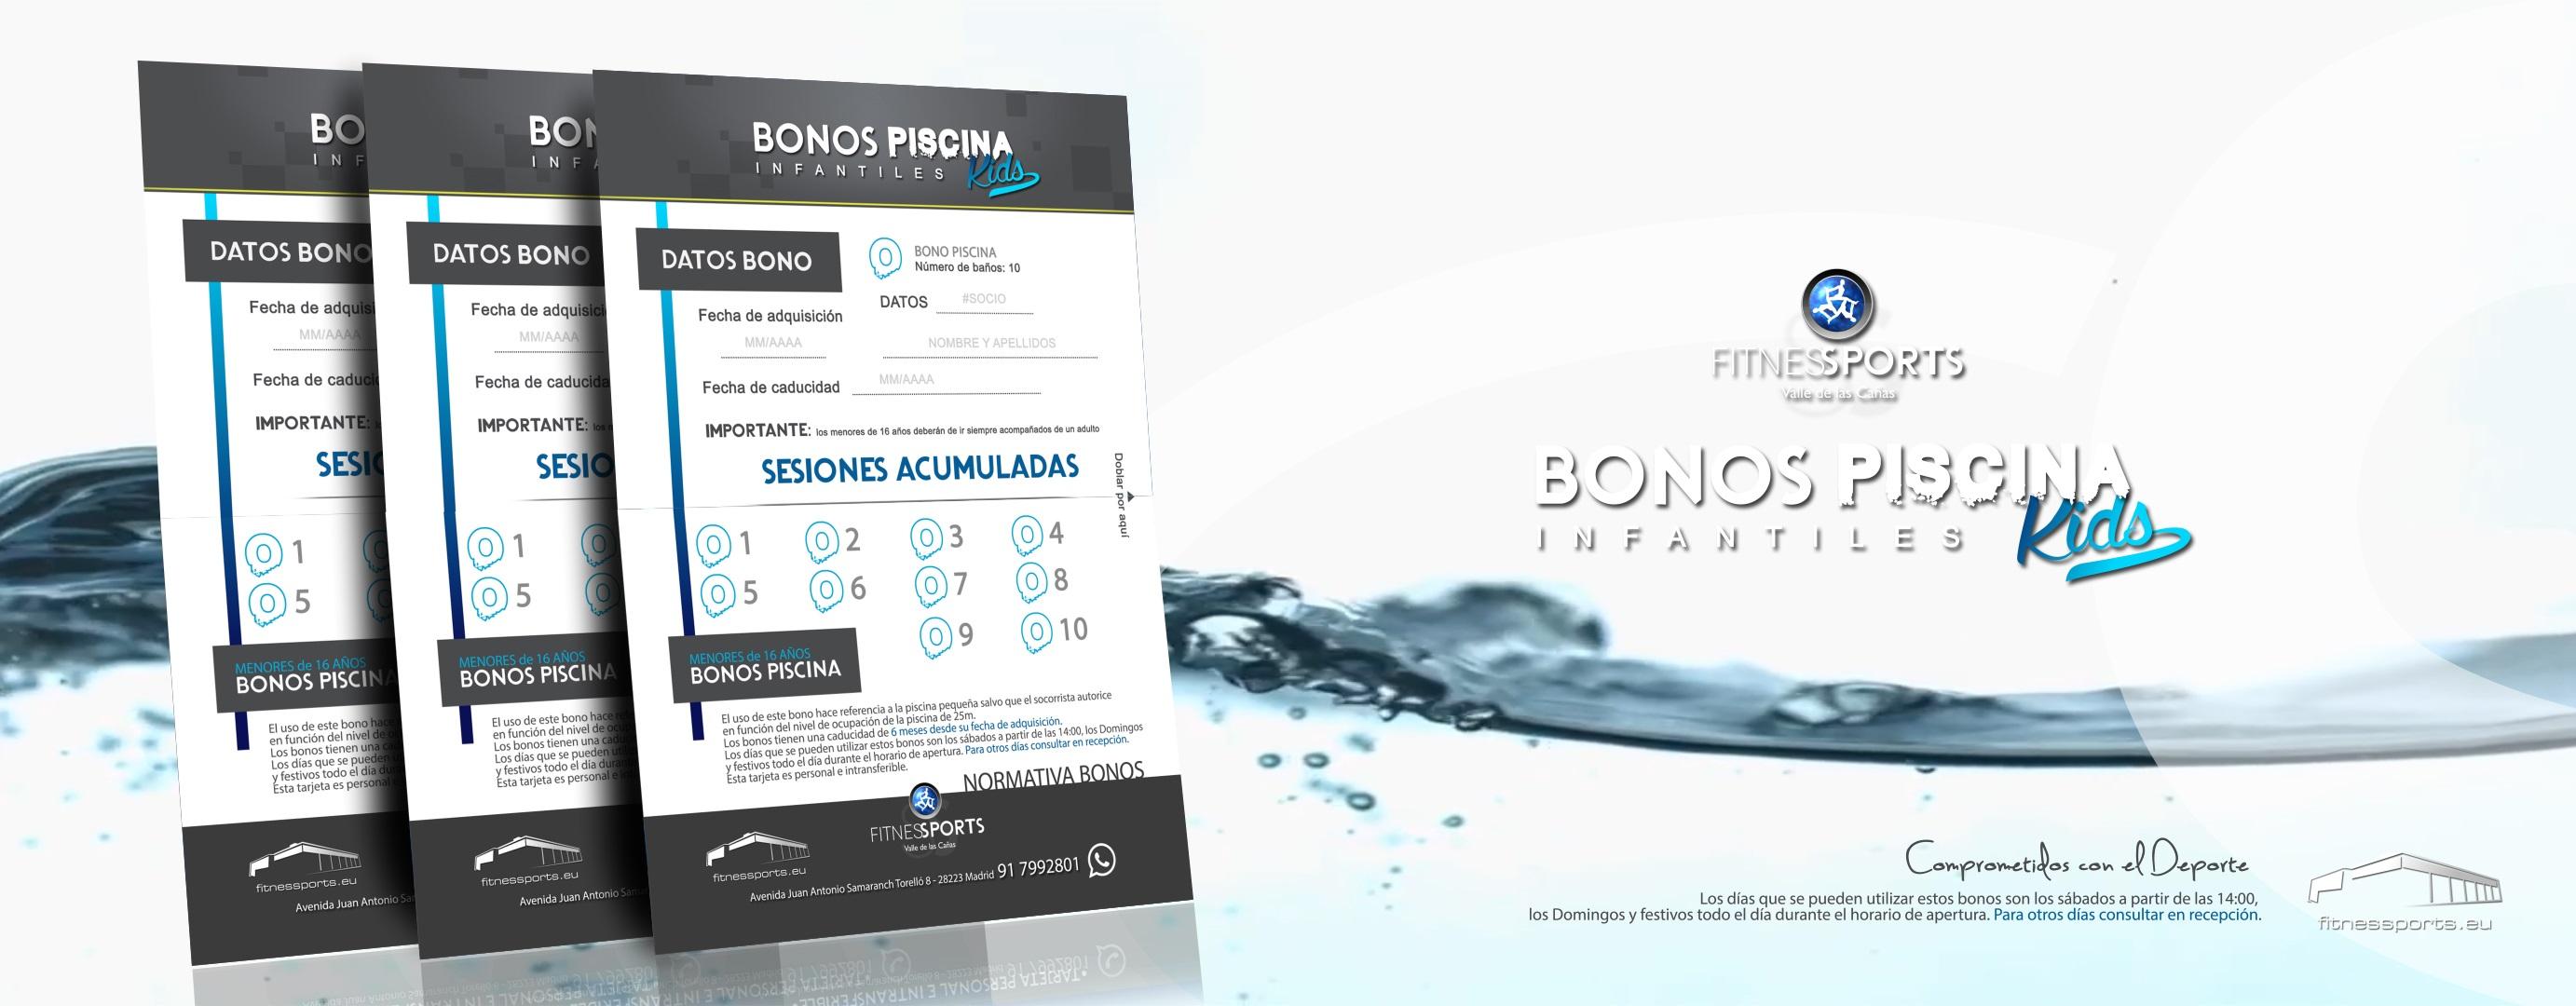 Bonos de piscina para niños Fitness Sports Valle de las Cañas (de 0 a 16 años) Perfect Pixel Publicidad